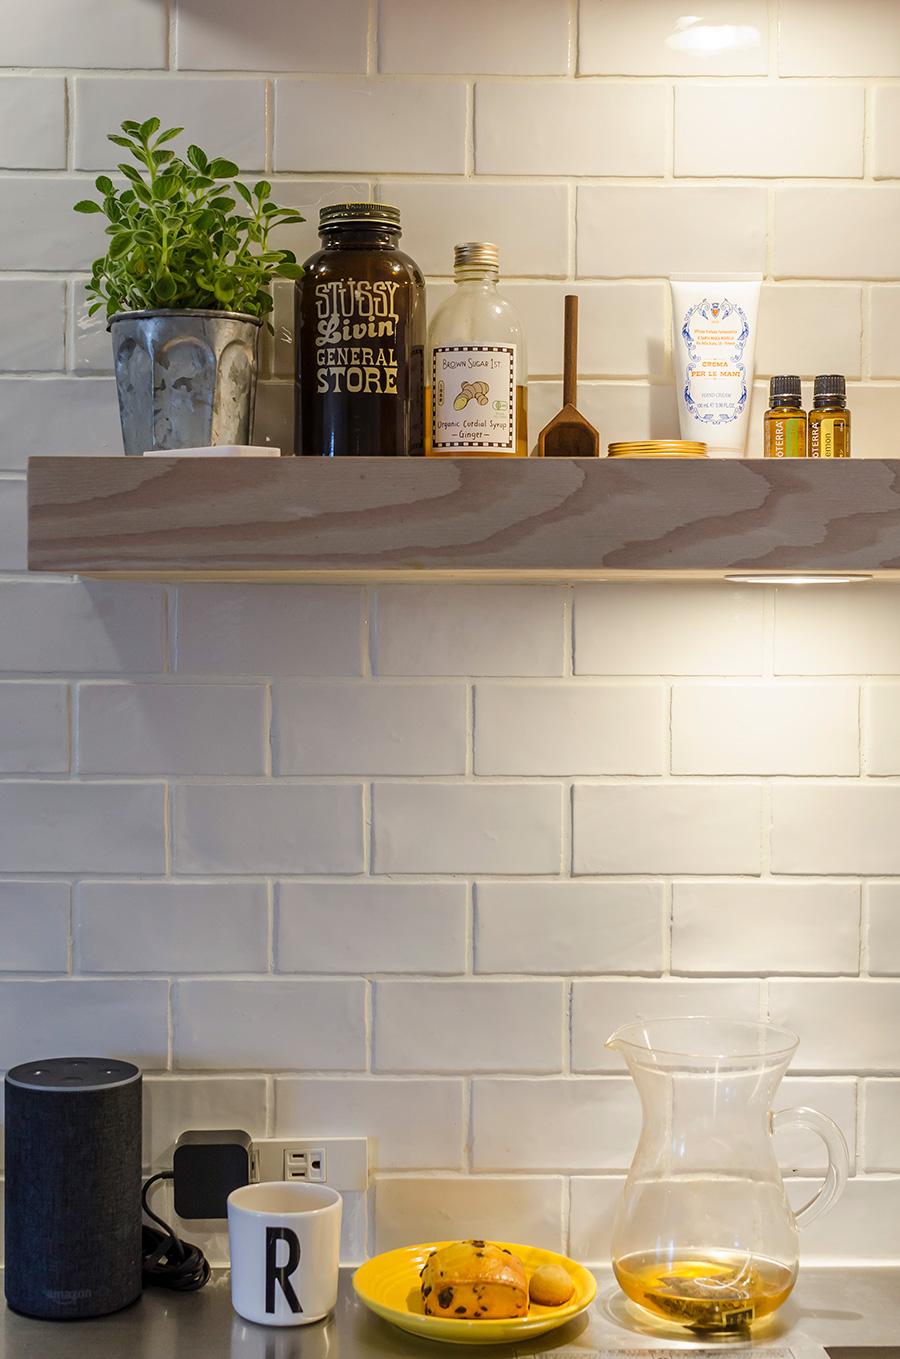 板にライトを埋め込んで、キッチンに明かりをプラス。